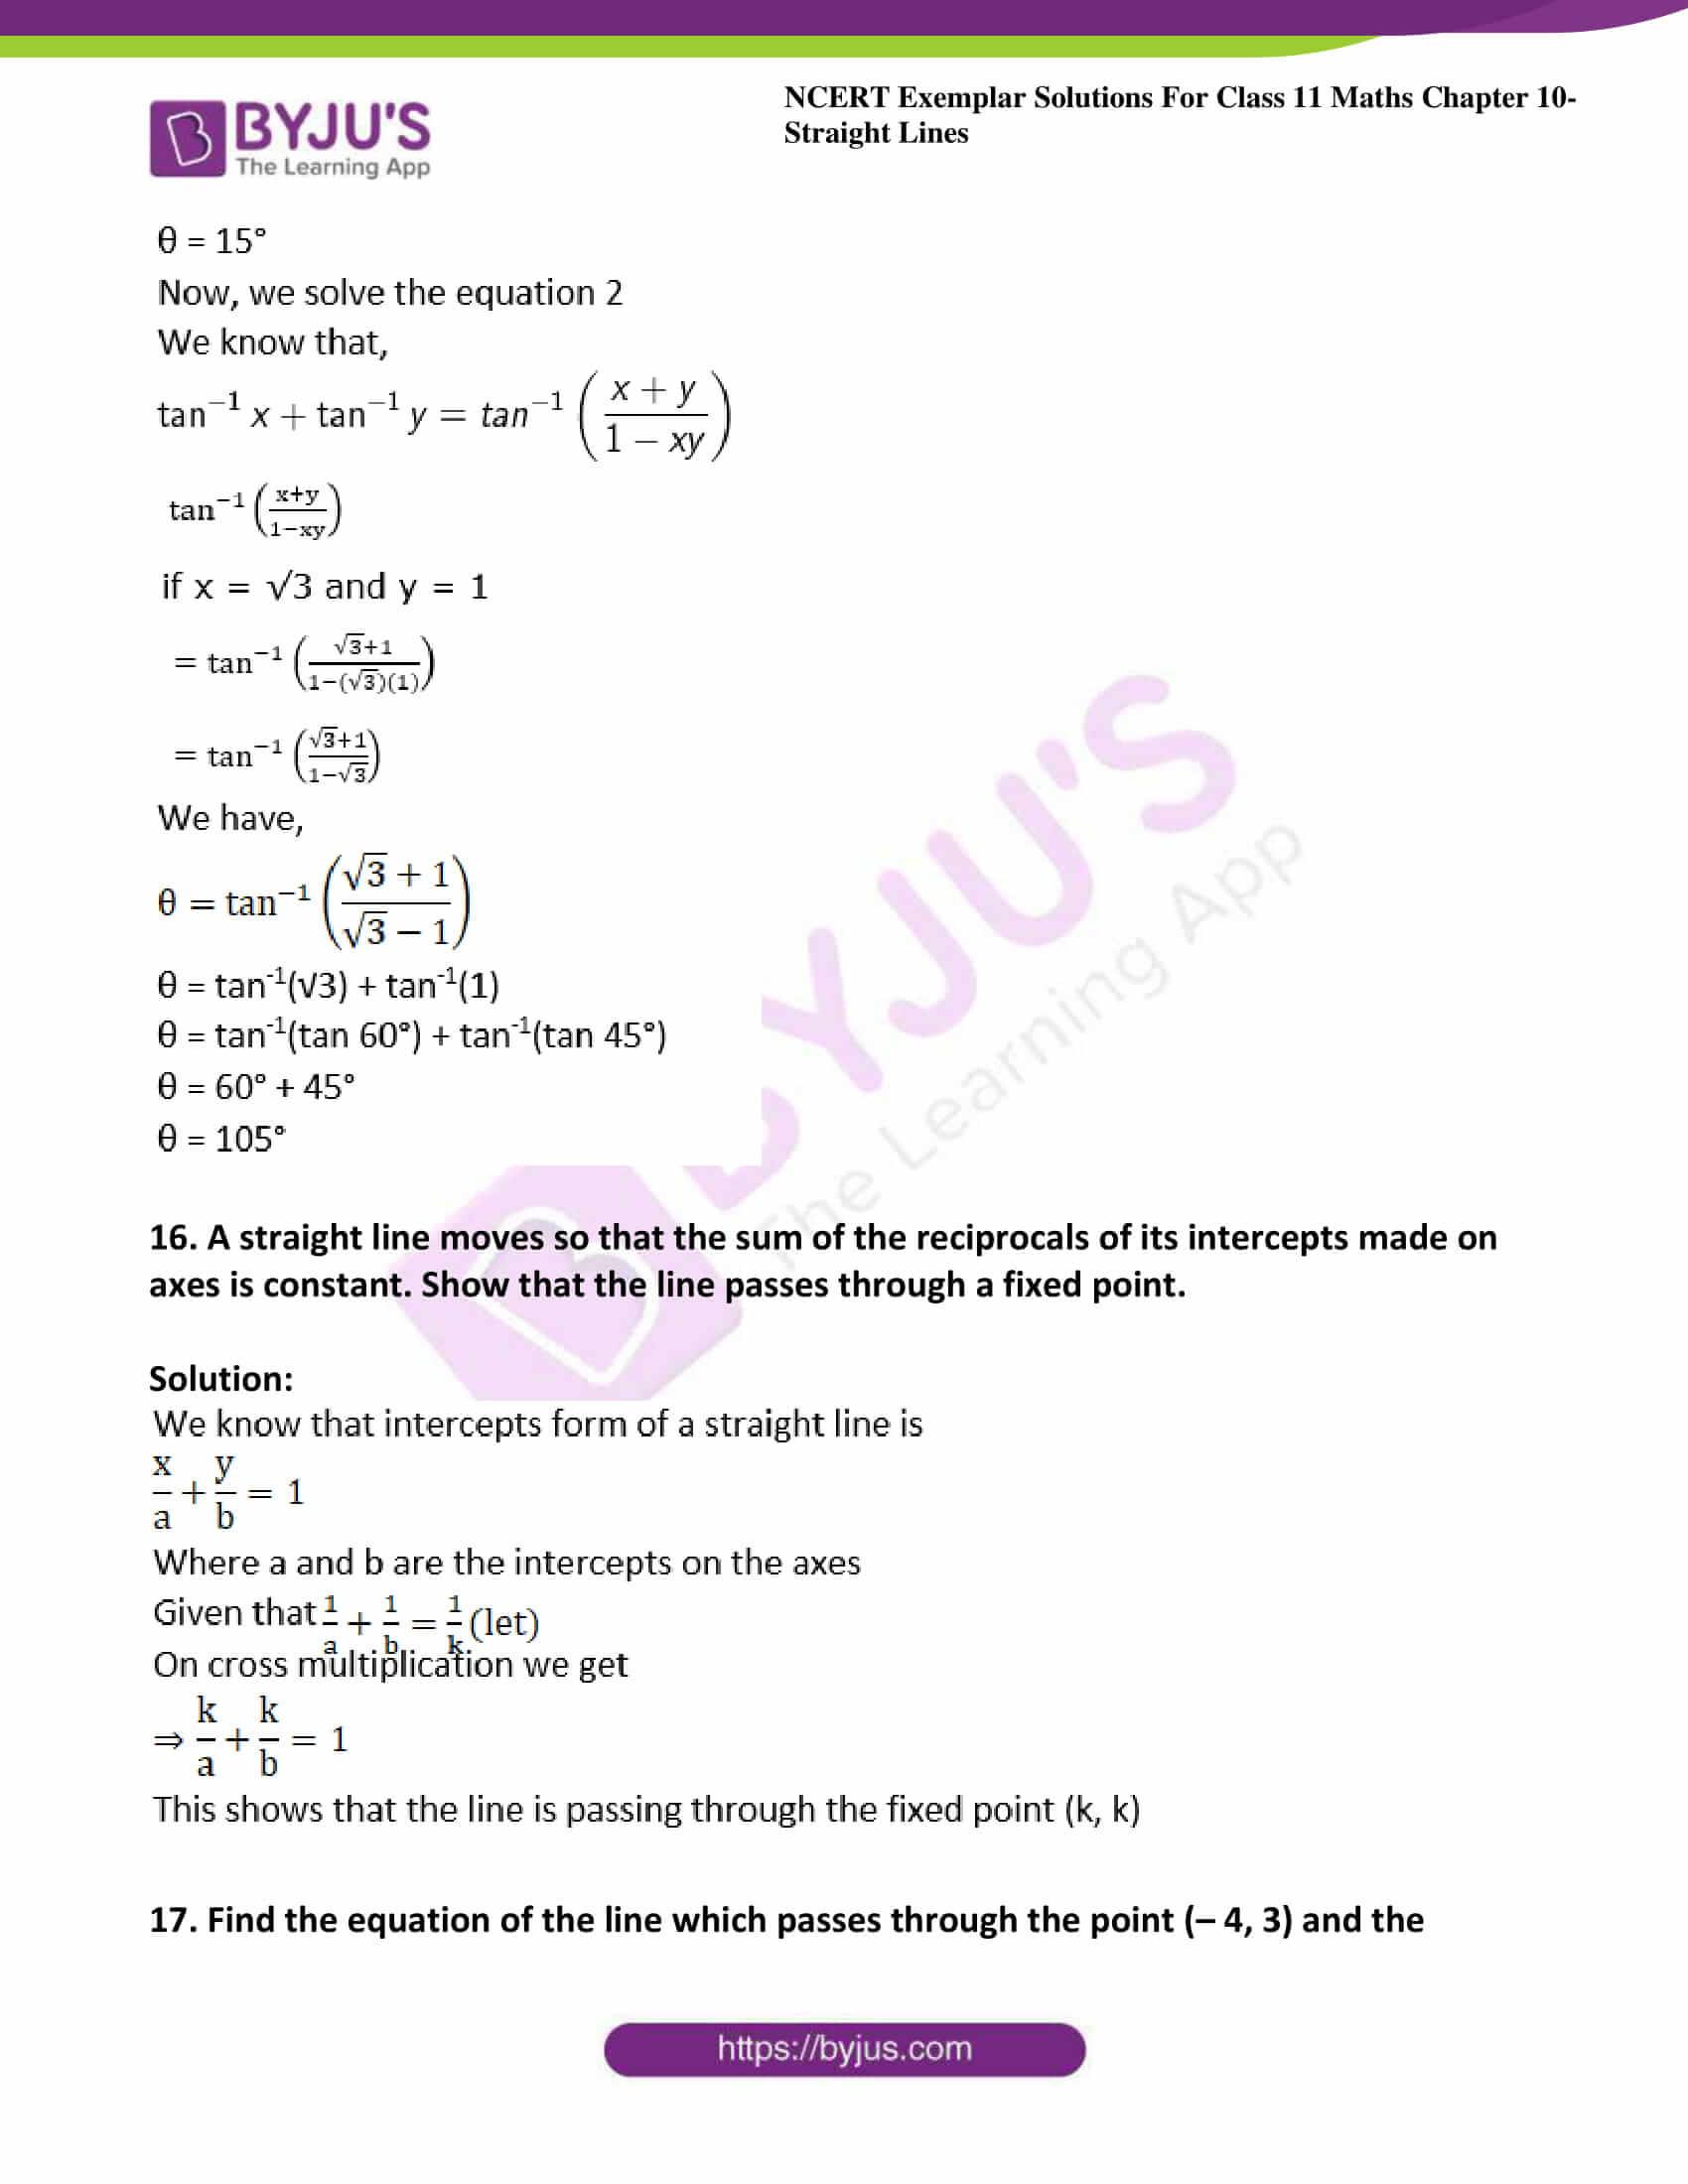 ncert exemplar sol class 11 maths chpt 10 straight lines 21